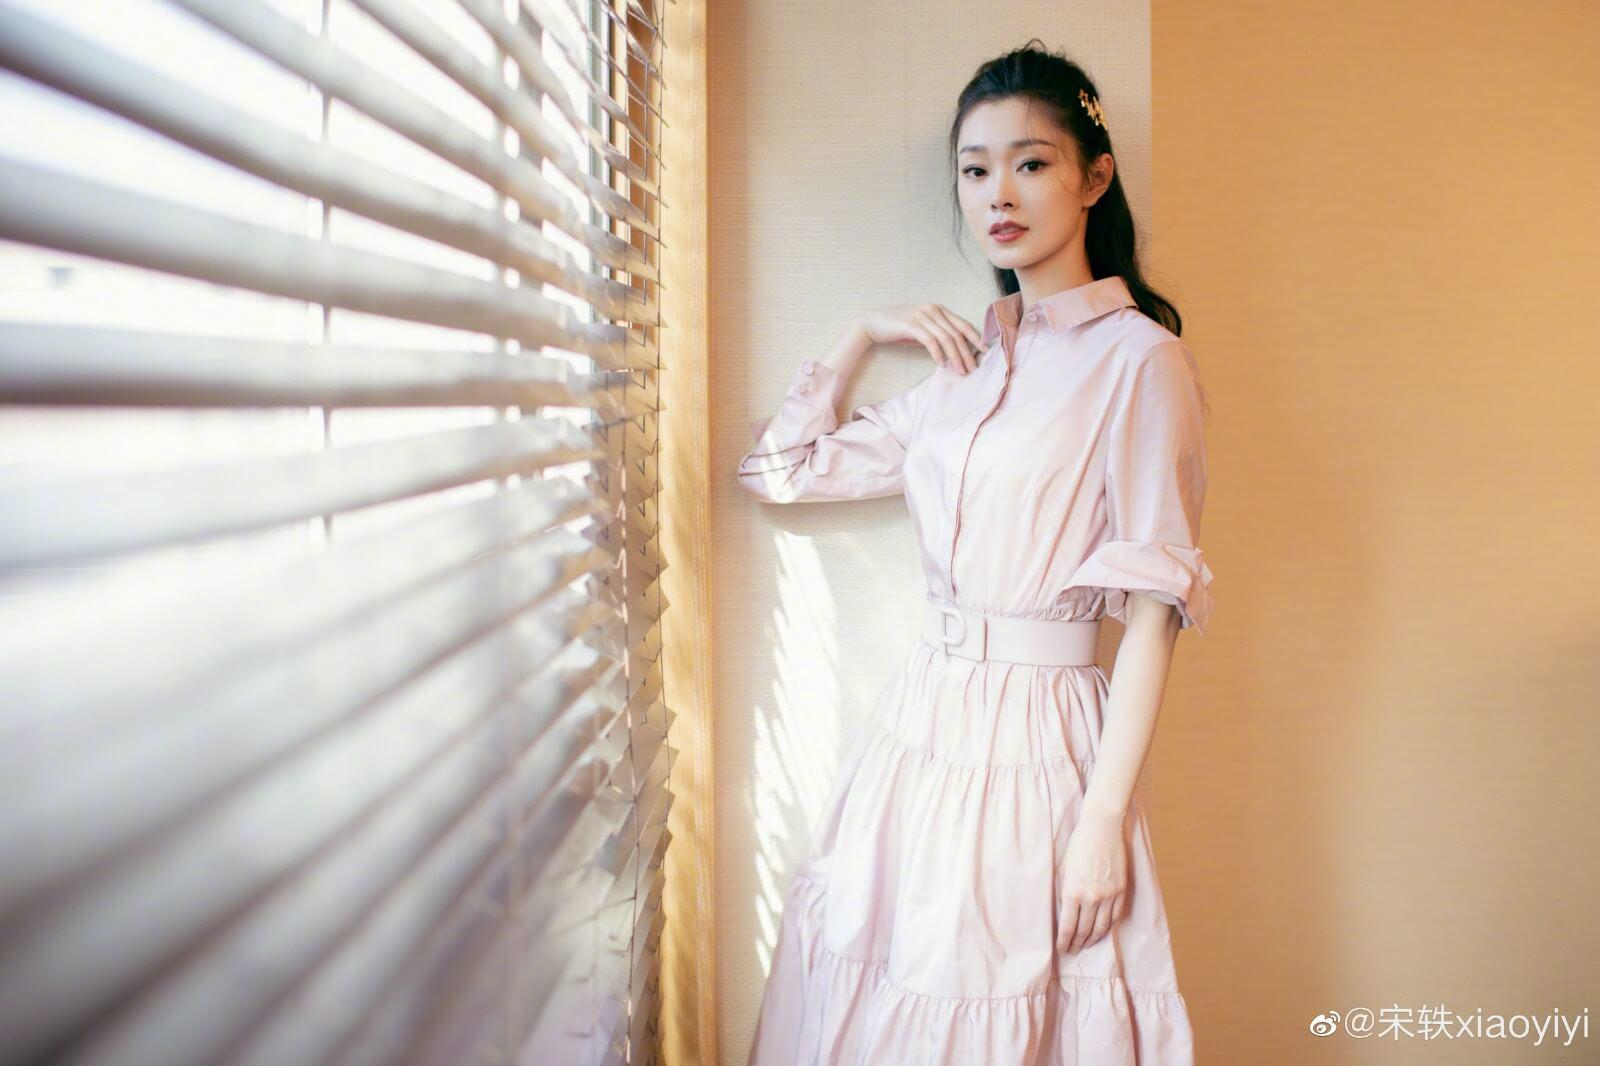 宋軼在十年的演藝事業中,亦有不少代表作,在《慶餘年》范若若一角也非常受歡迎,不比女主角李沁遜色。